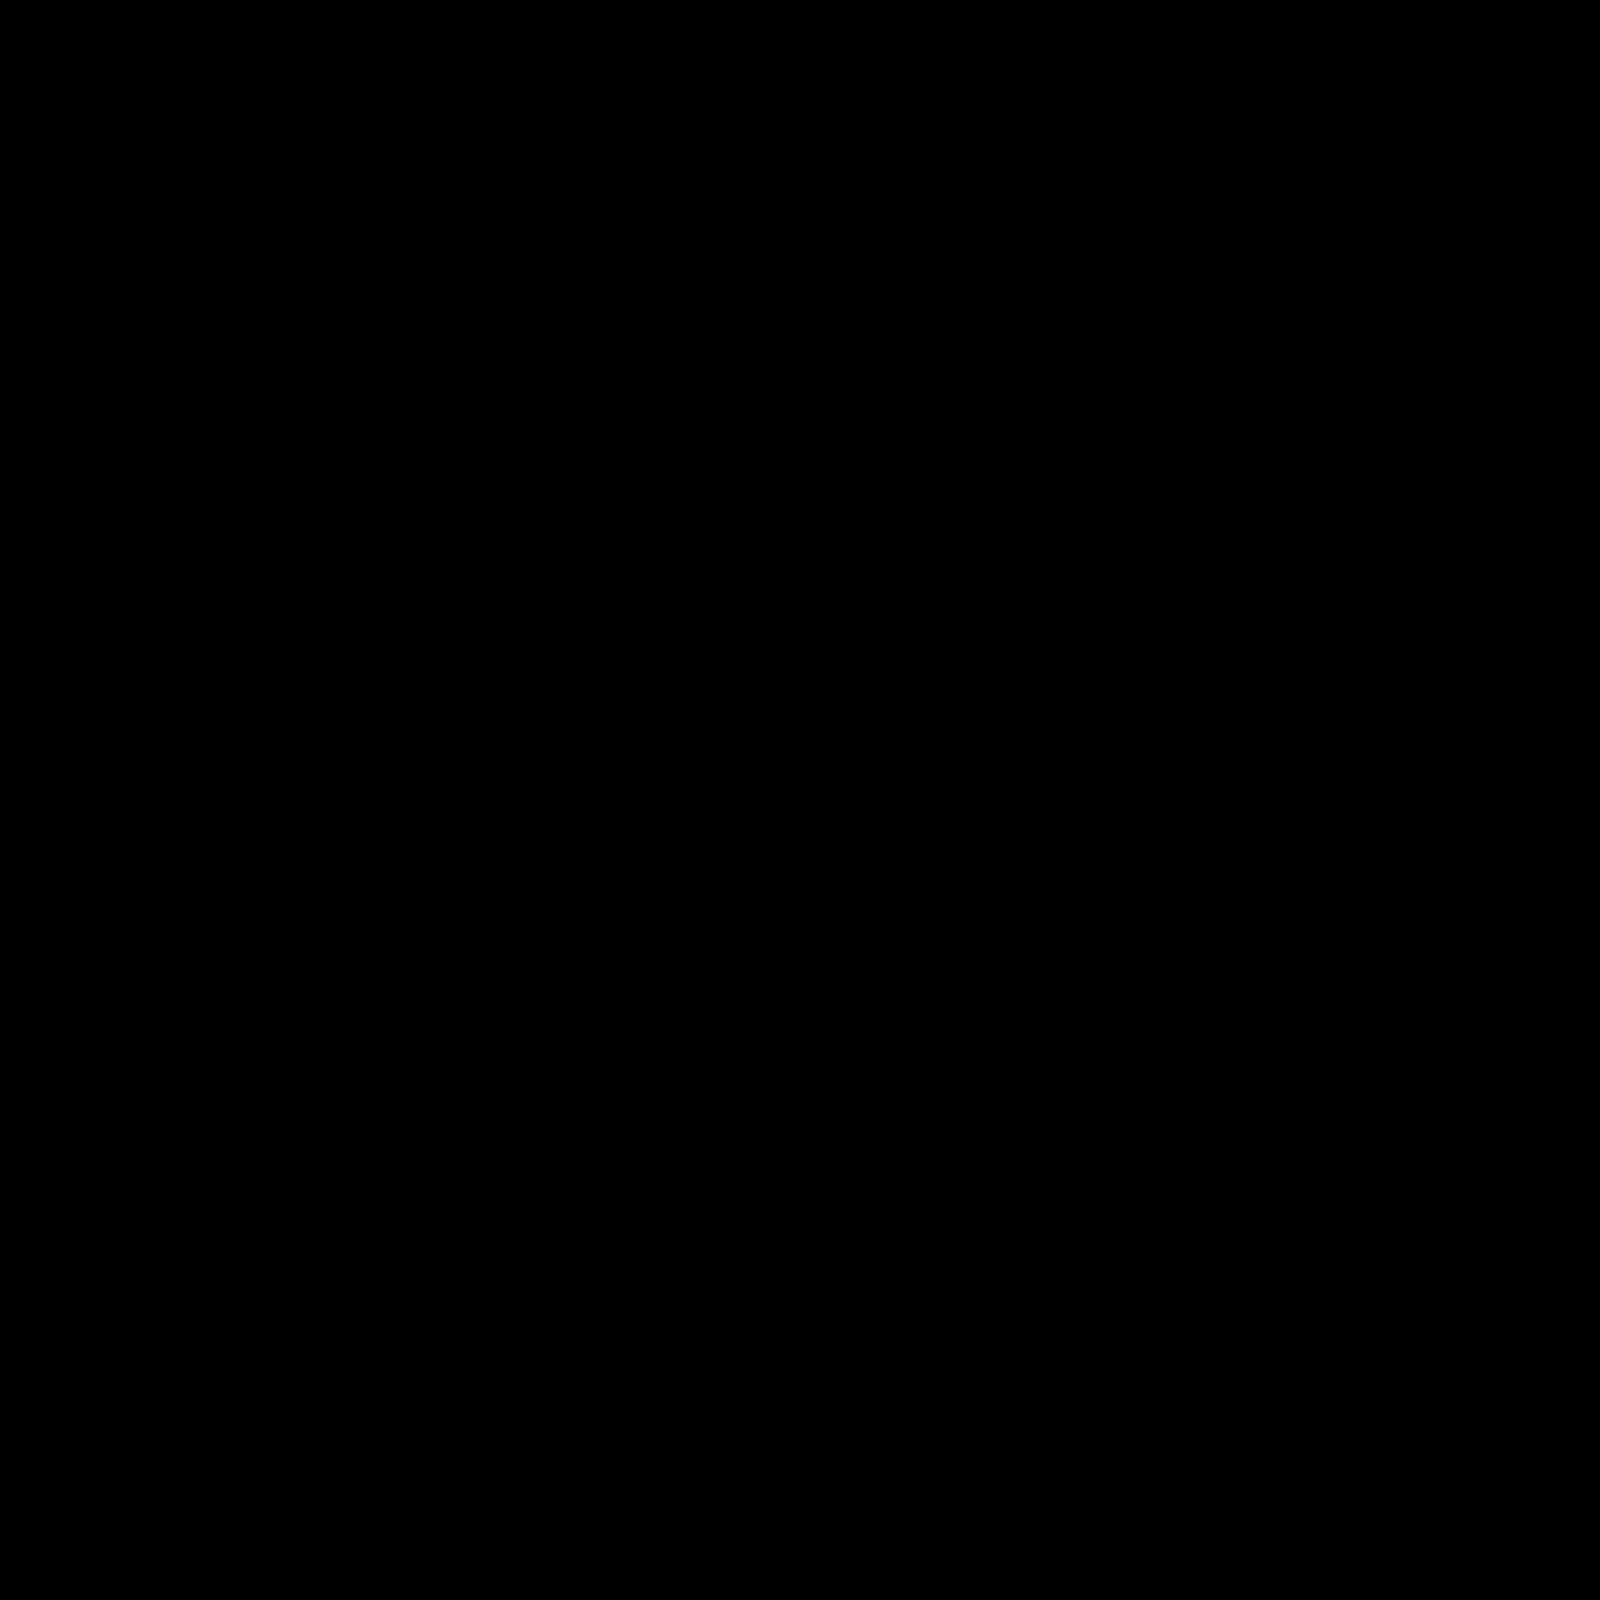 Медовый месяц icon